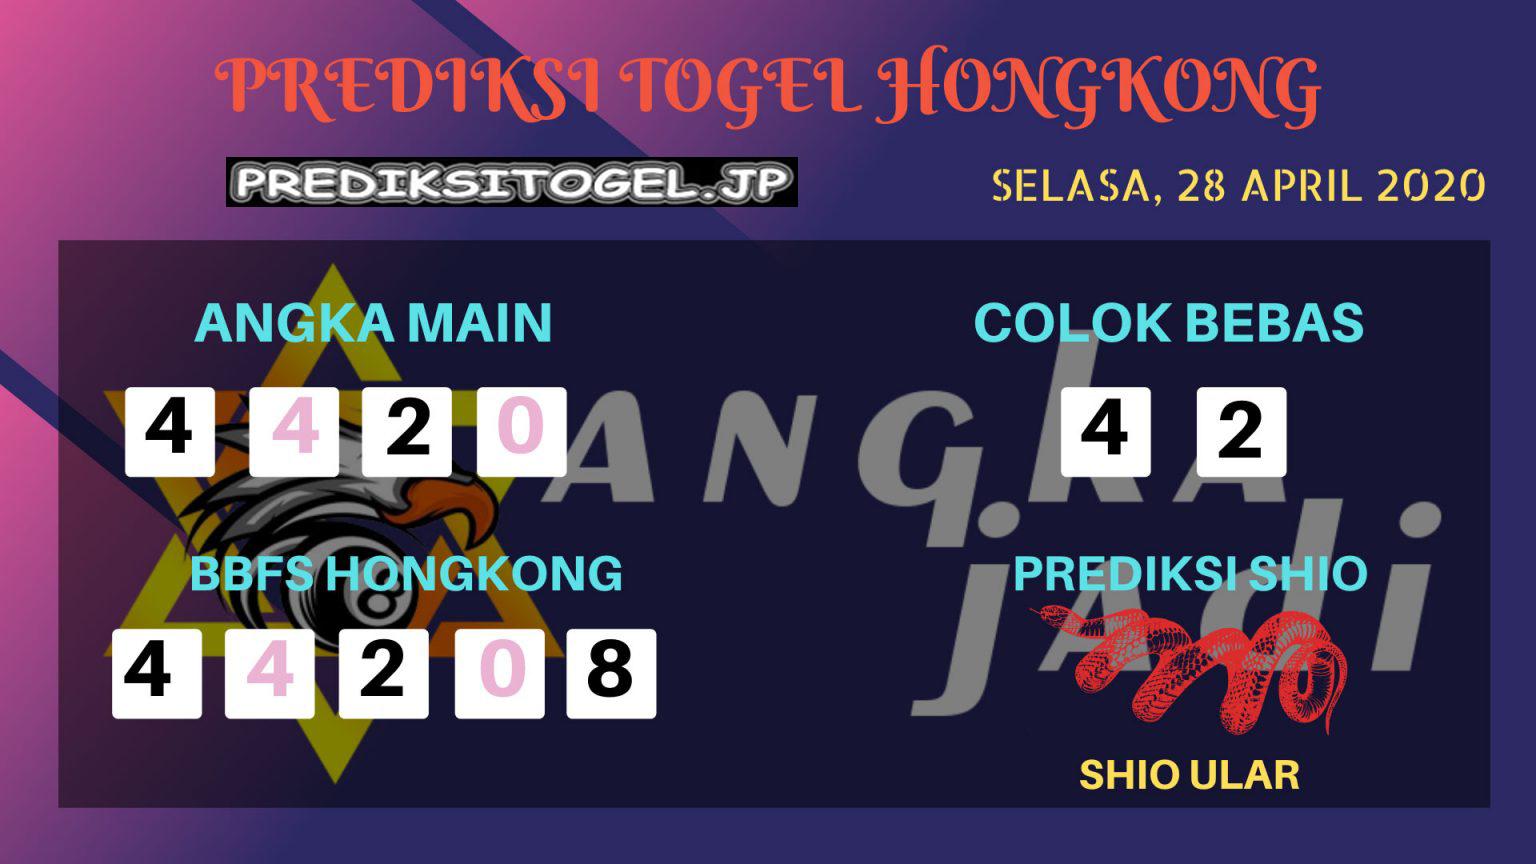 Prediksi HK 28 April 2020 - Prediksi Angka HK